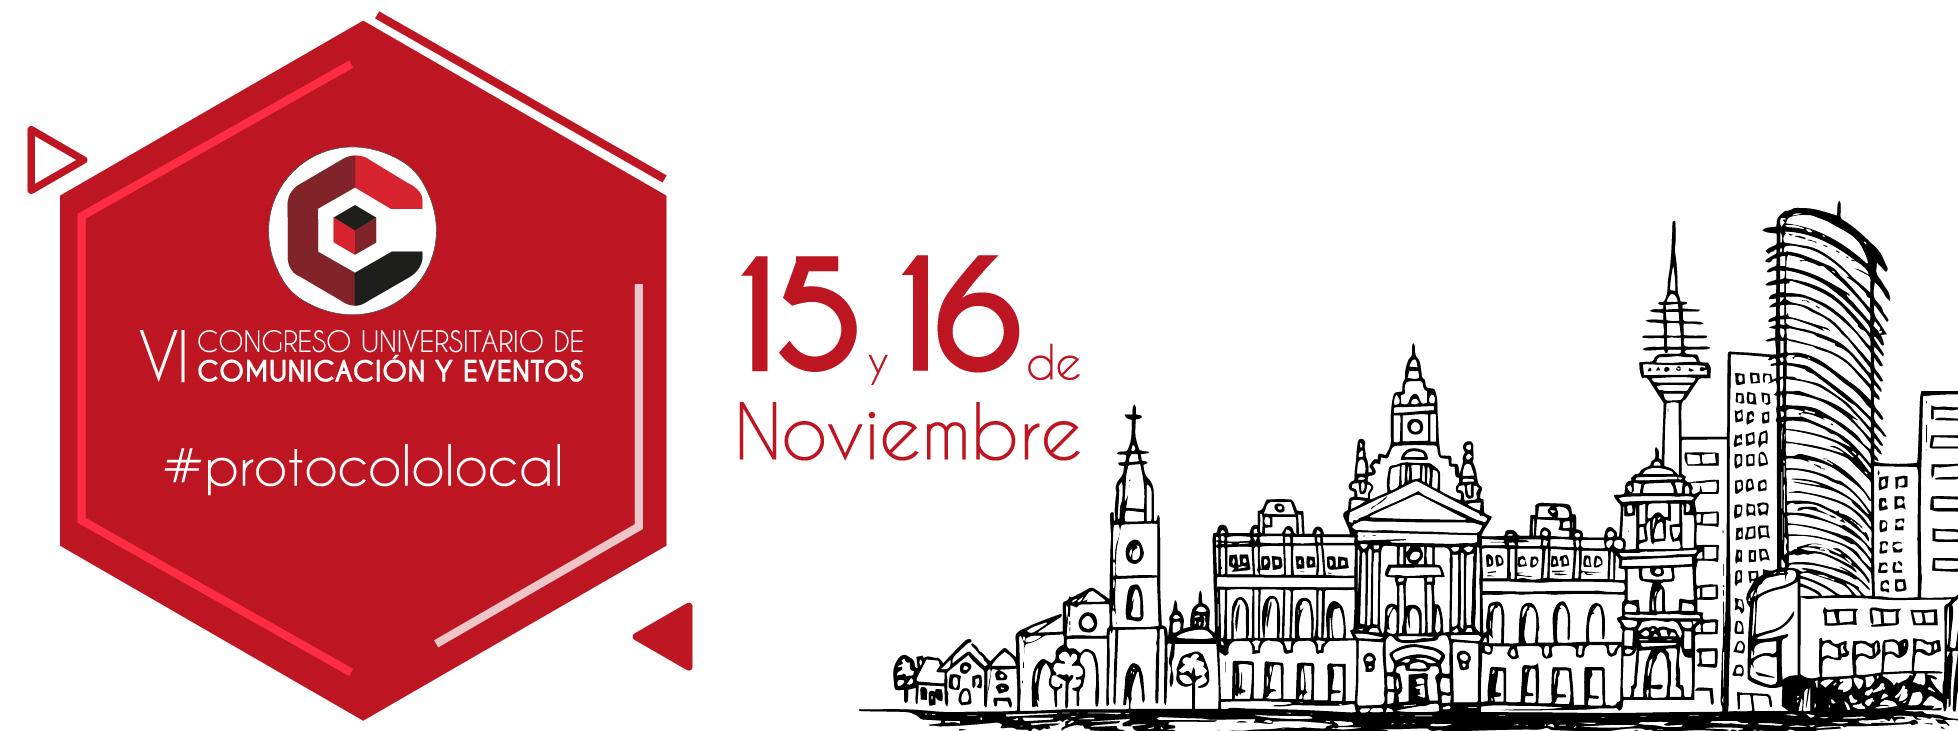 Congreso de Comunicación y Eventos. El #protocololocal